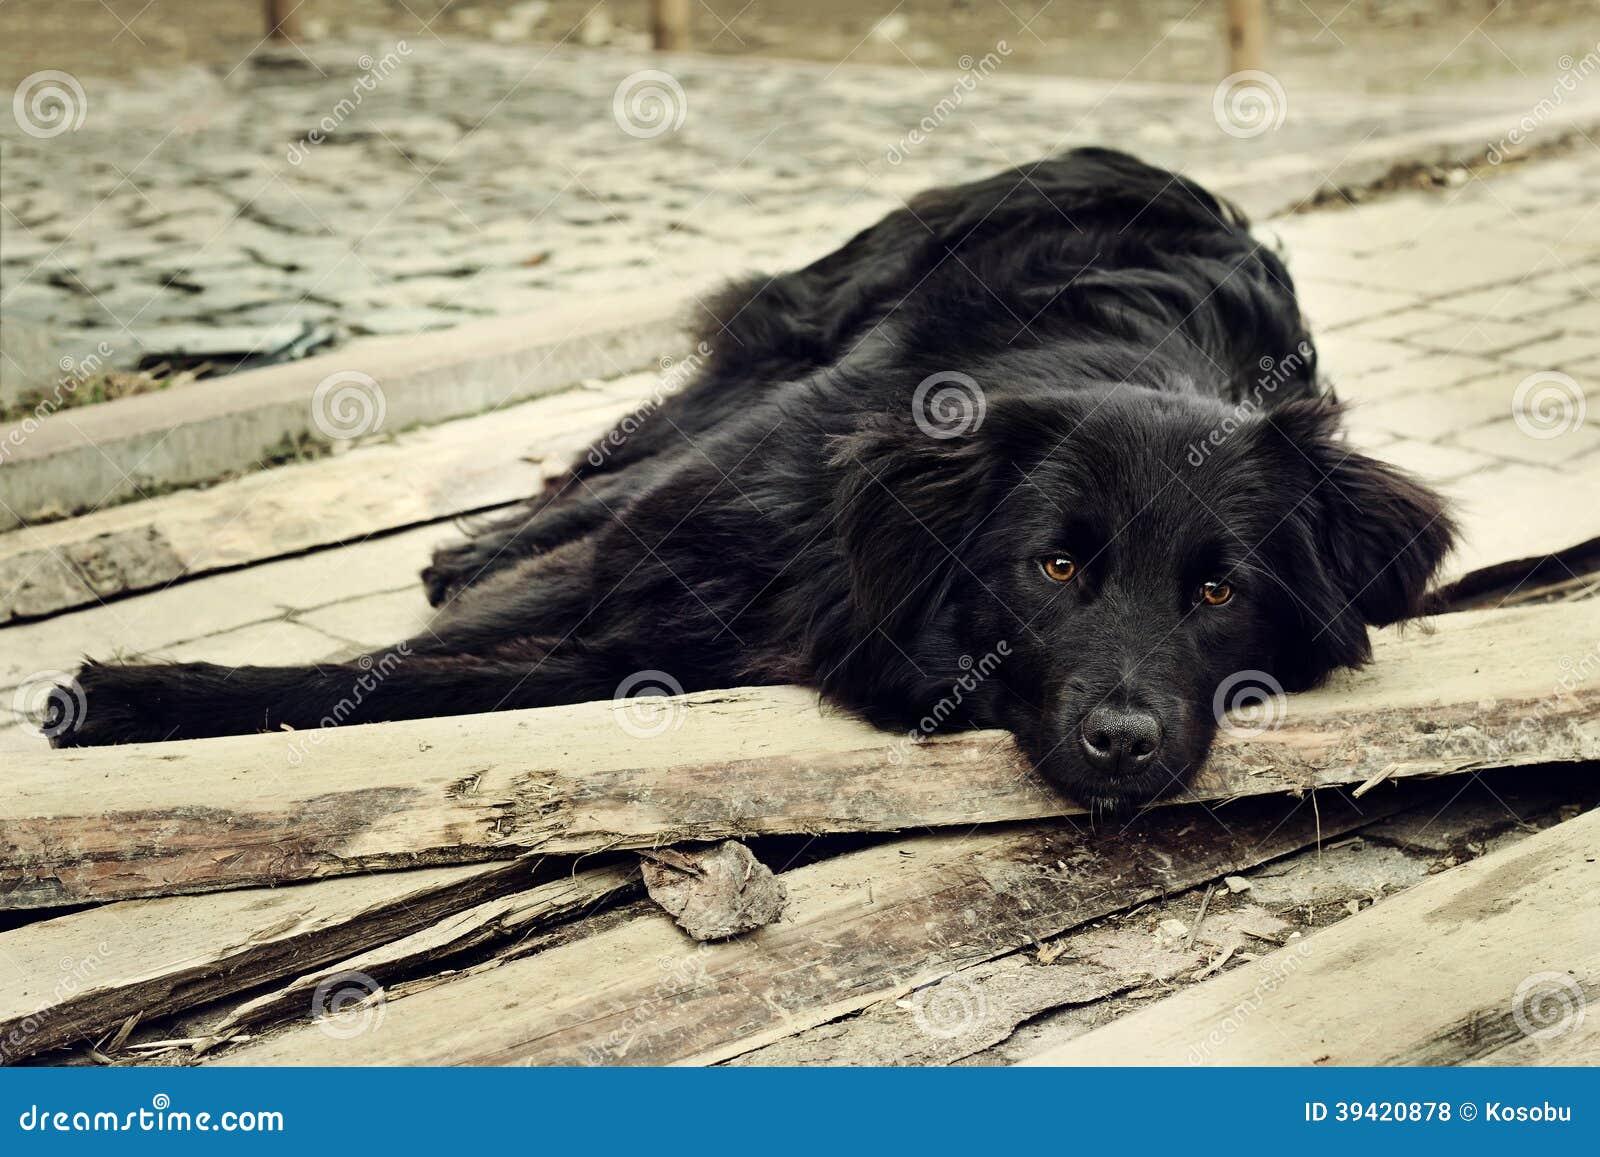 sad black dog is laying on outdoors stock photo - image: 39420878